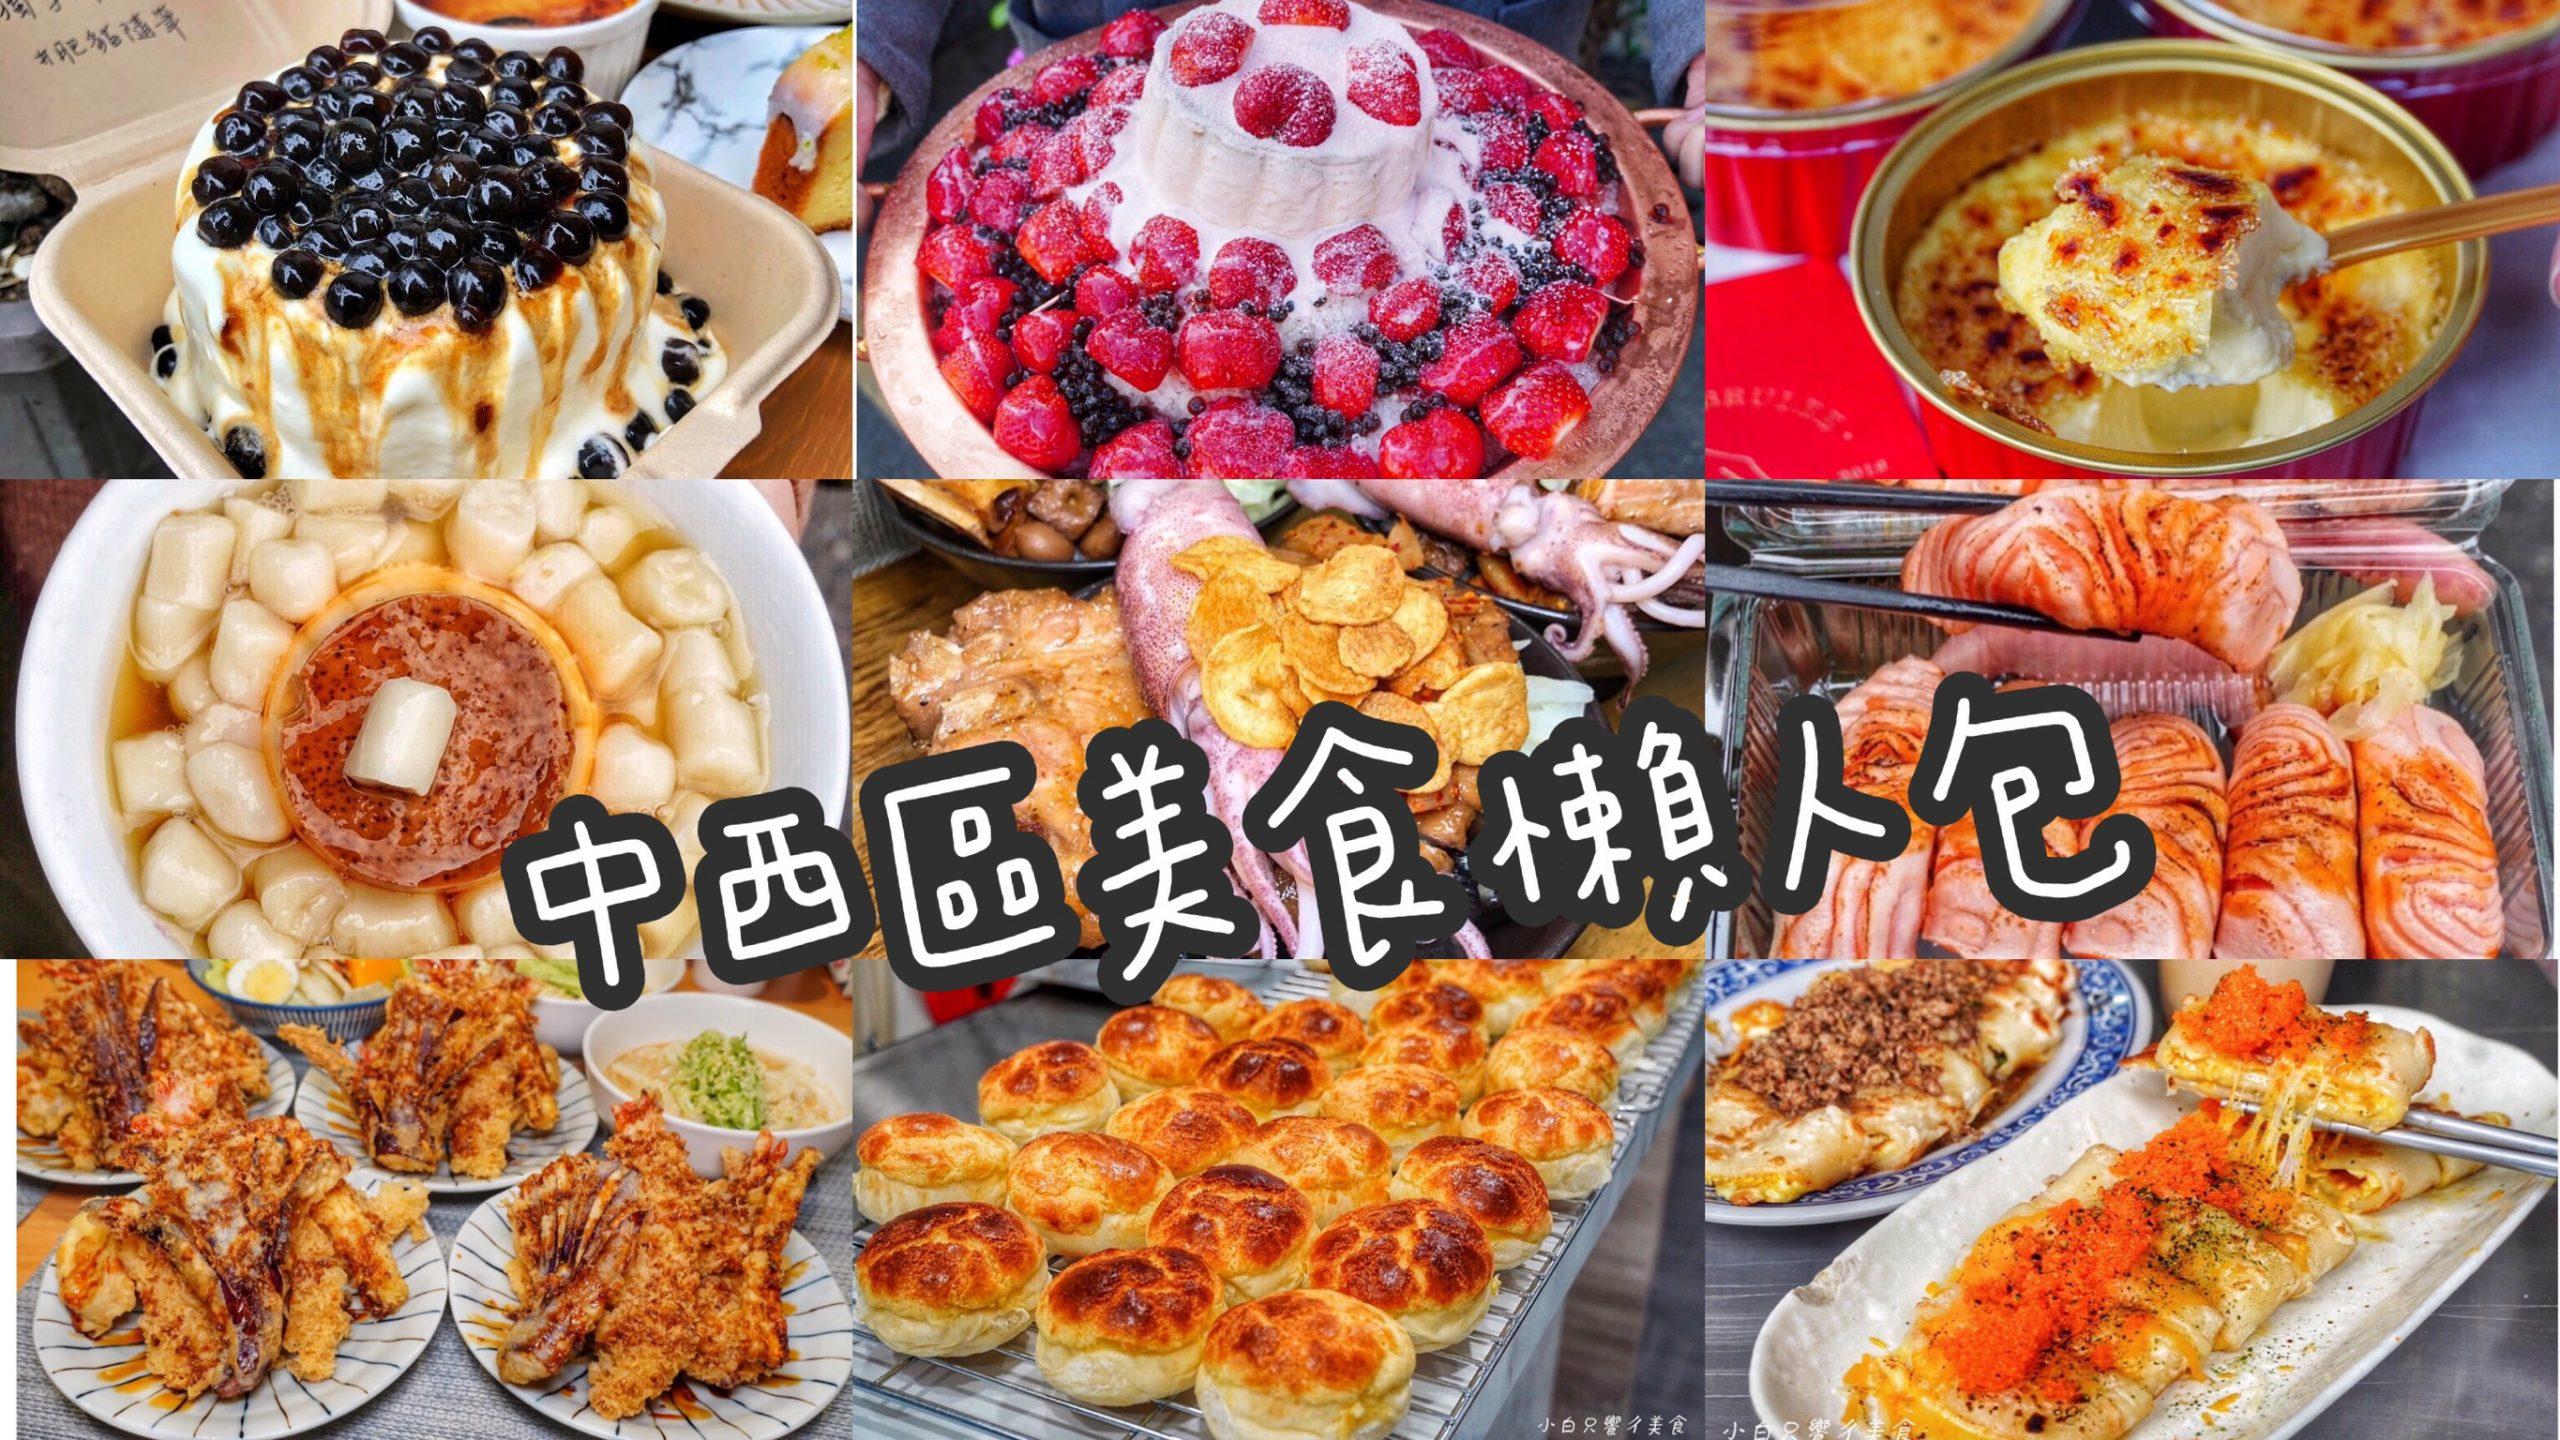 中西區美食懶人包!精選100間台南必吃美食